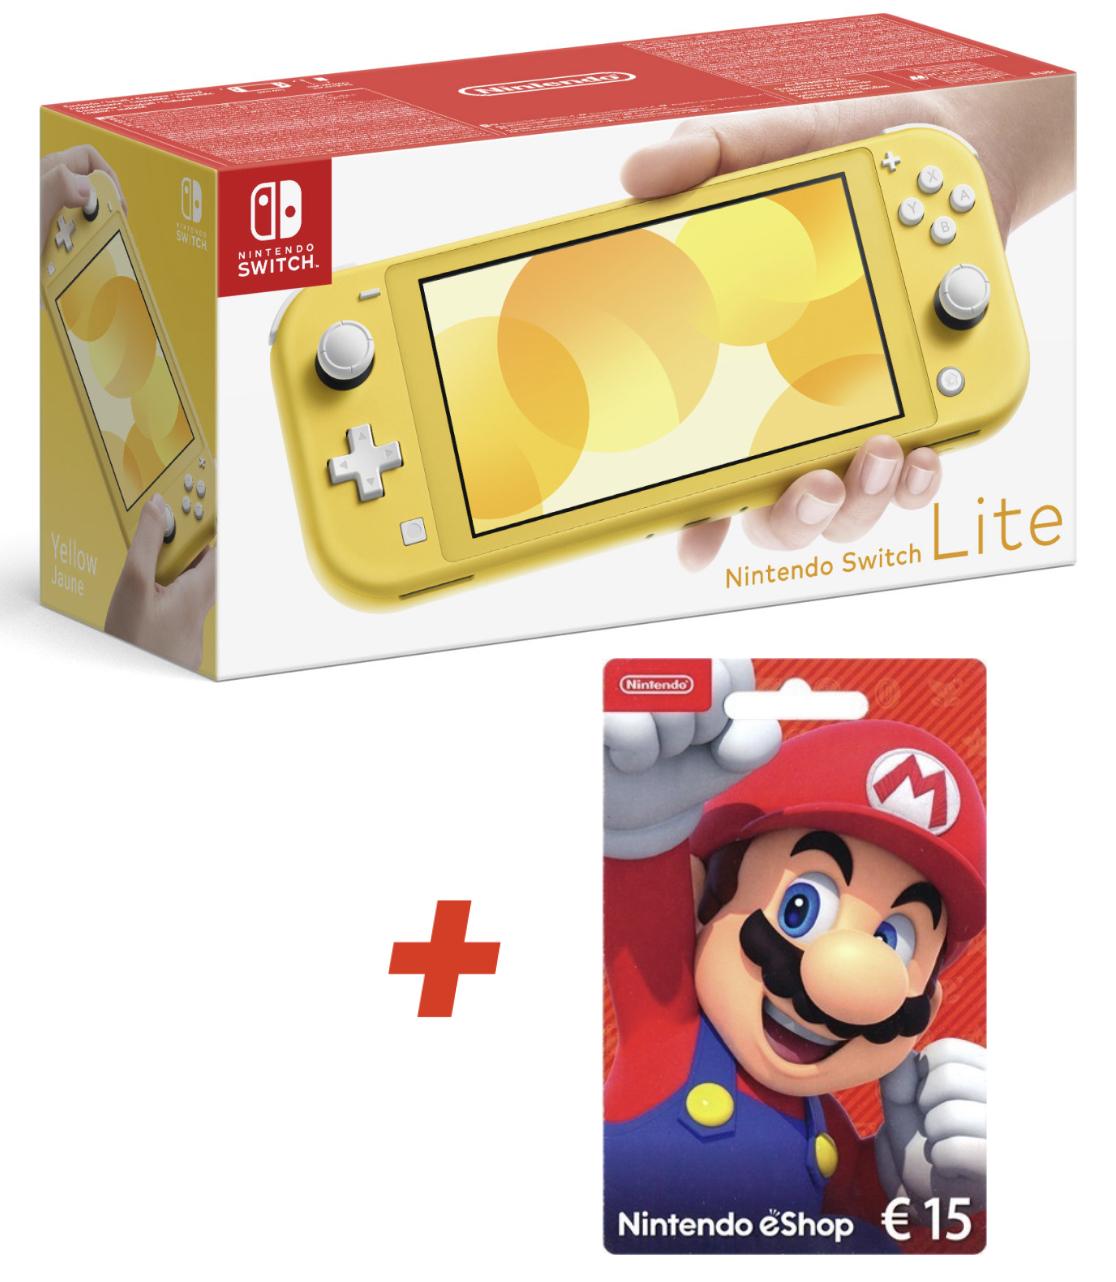 Nintendo Switch Lite Konsole gelb + 15€ Nintendo eShop Card für zusammen 179,70€ inkl. Versandkosten